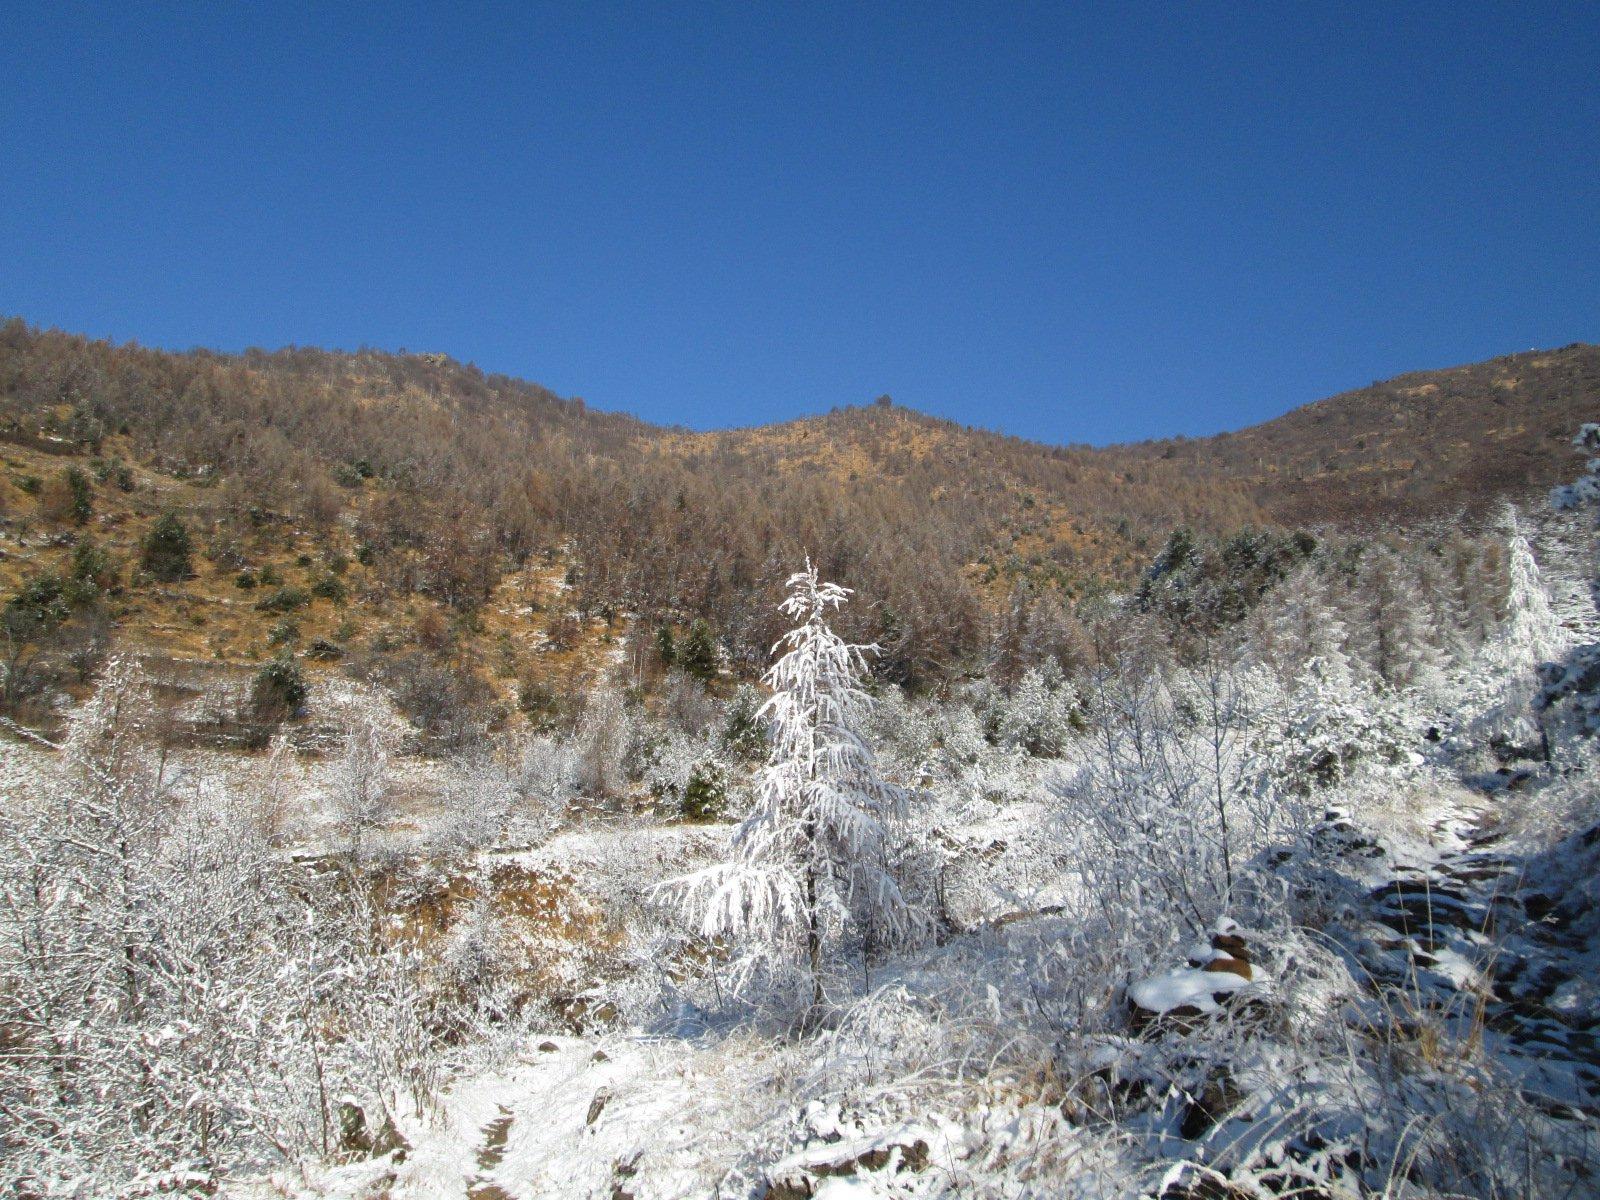 neve in basso, erba in alto...